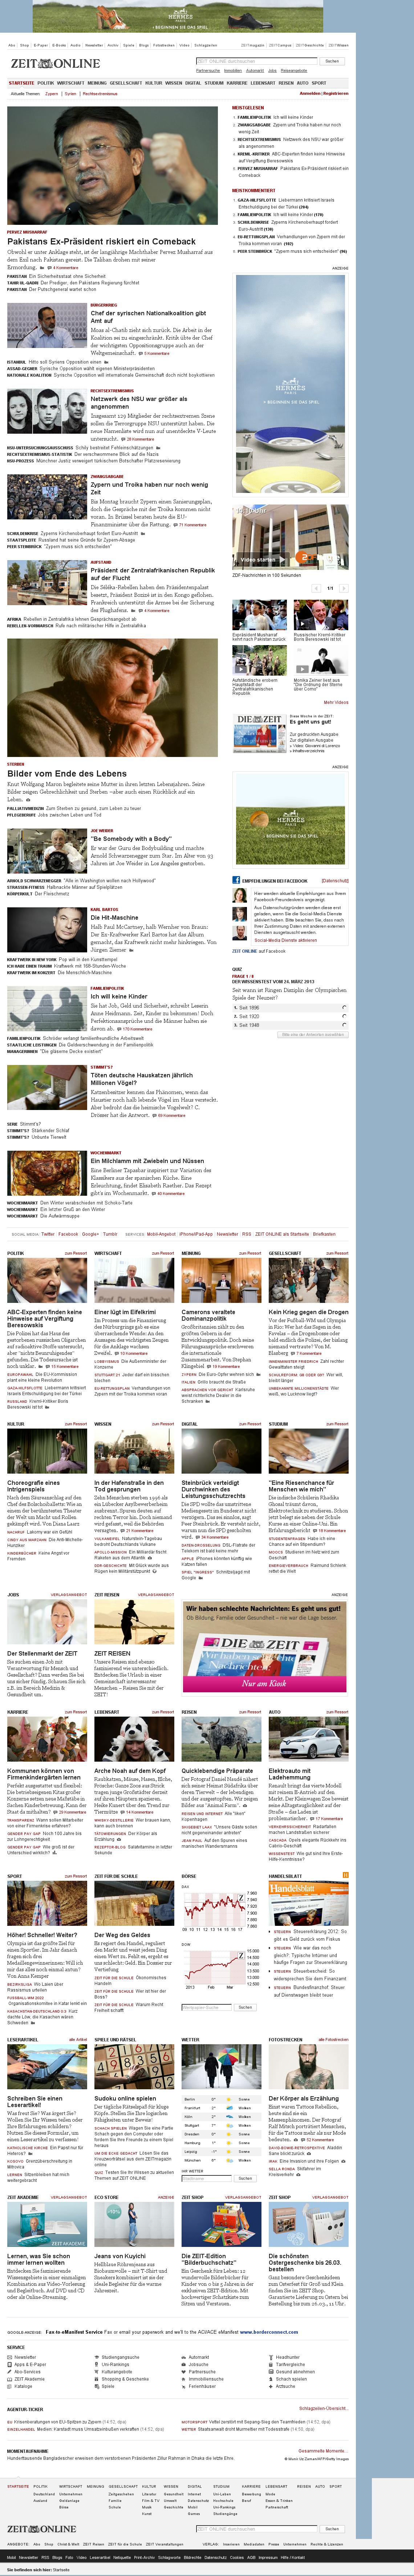 Zeit Online at Sunday March 24, 2013, 1:57 p.m. UTC